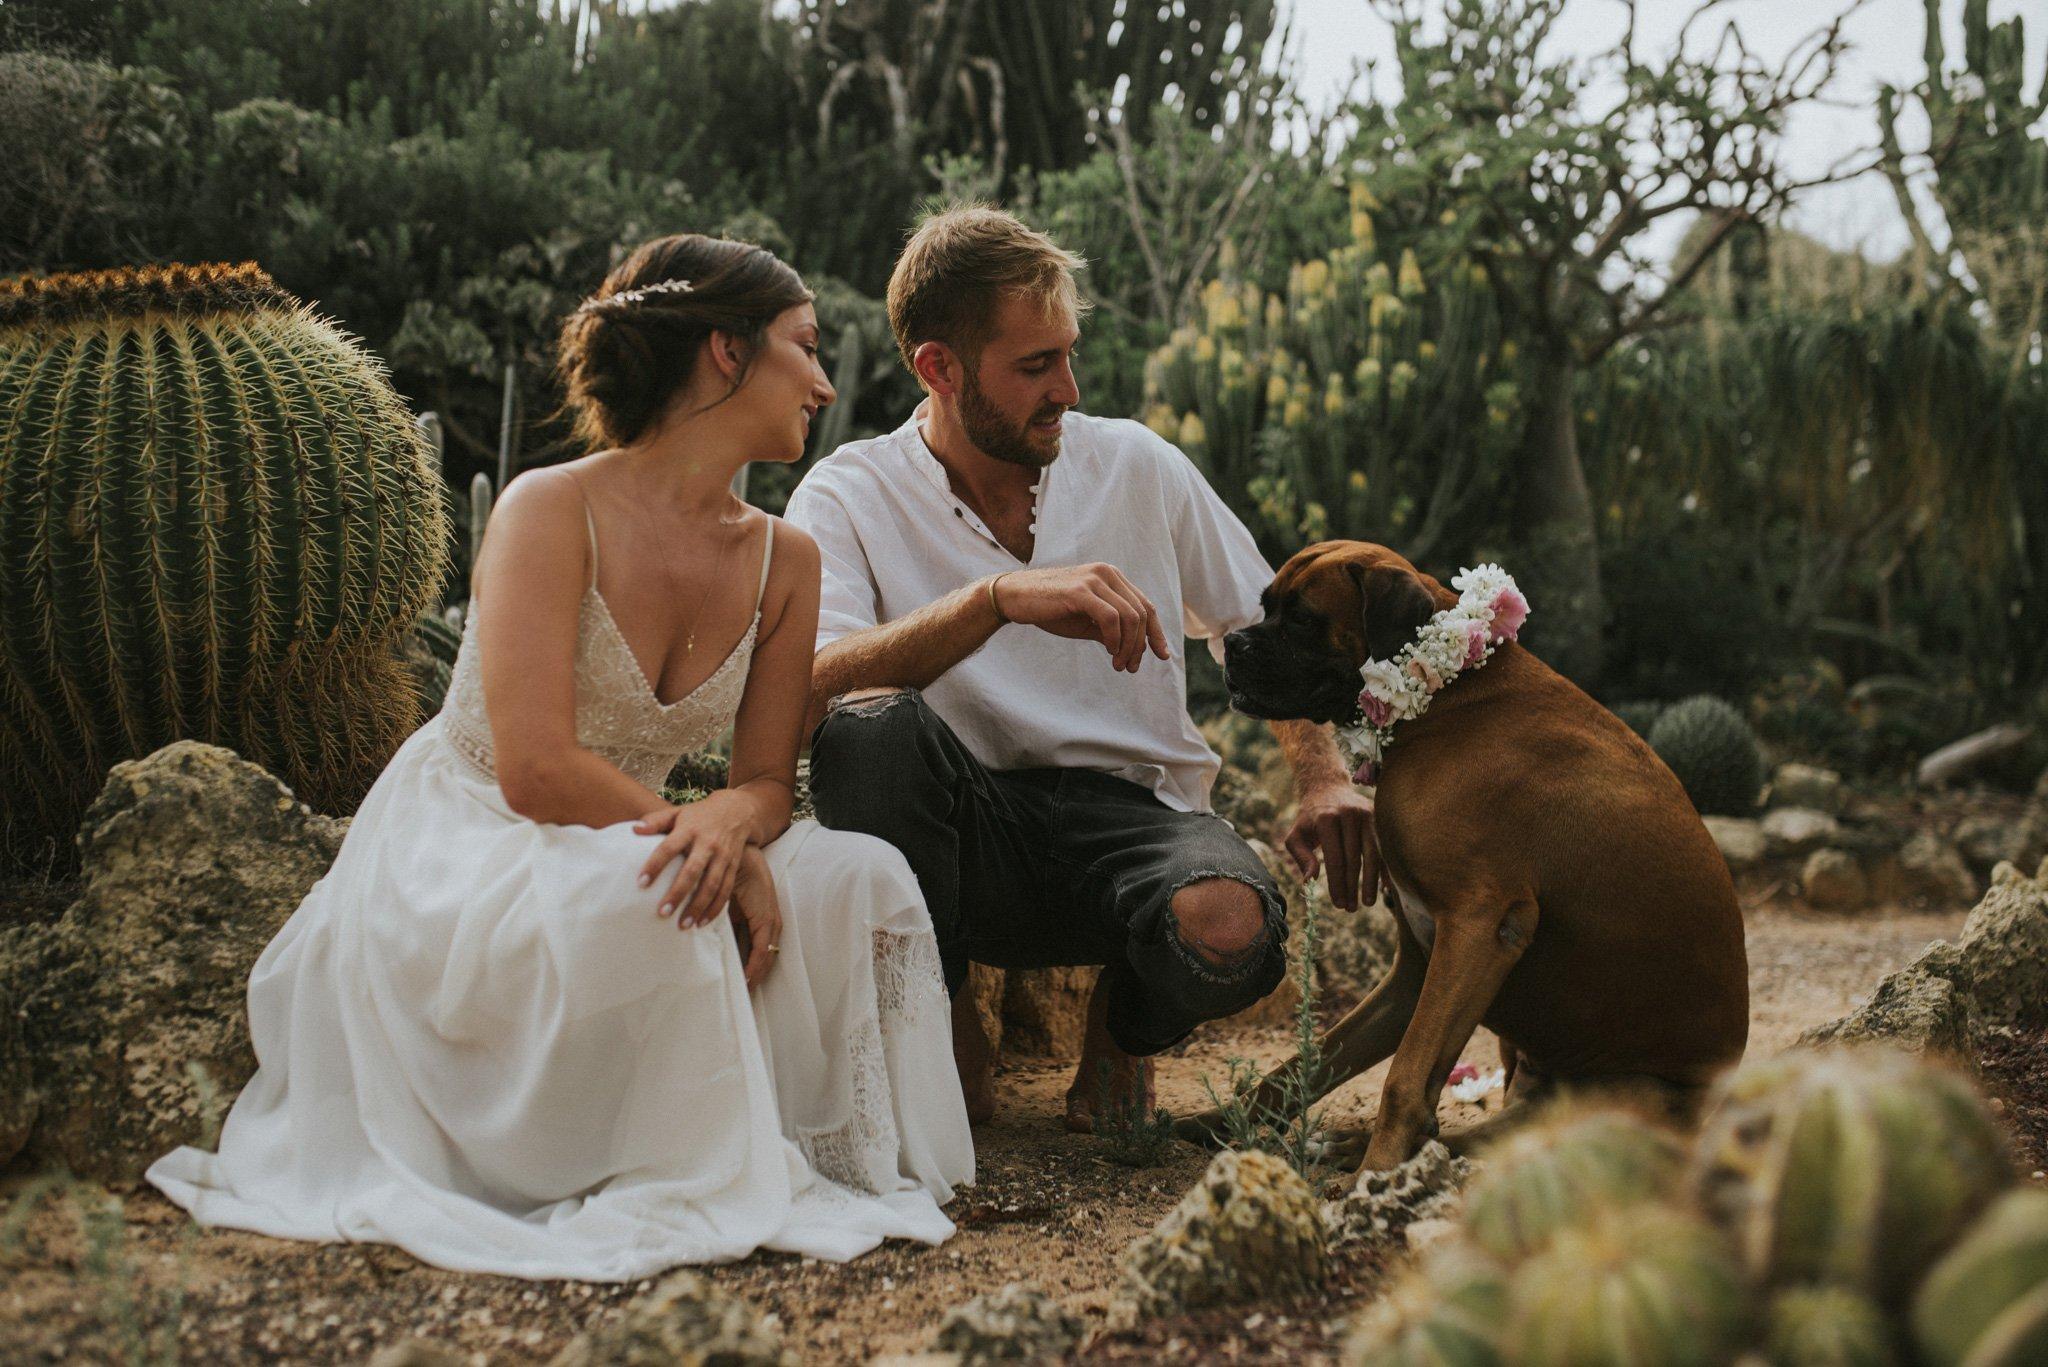 בדרך הטבע: חתונת הקיבוץ של דניאל ושובל